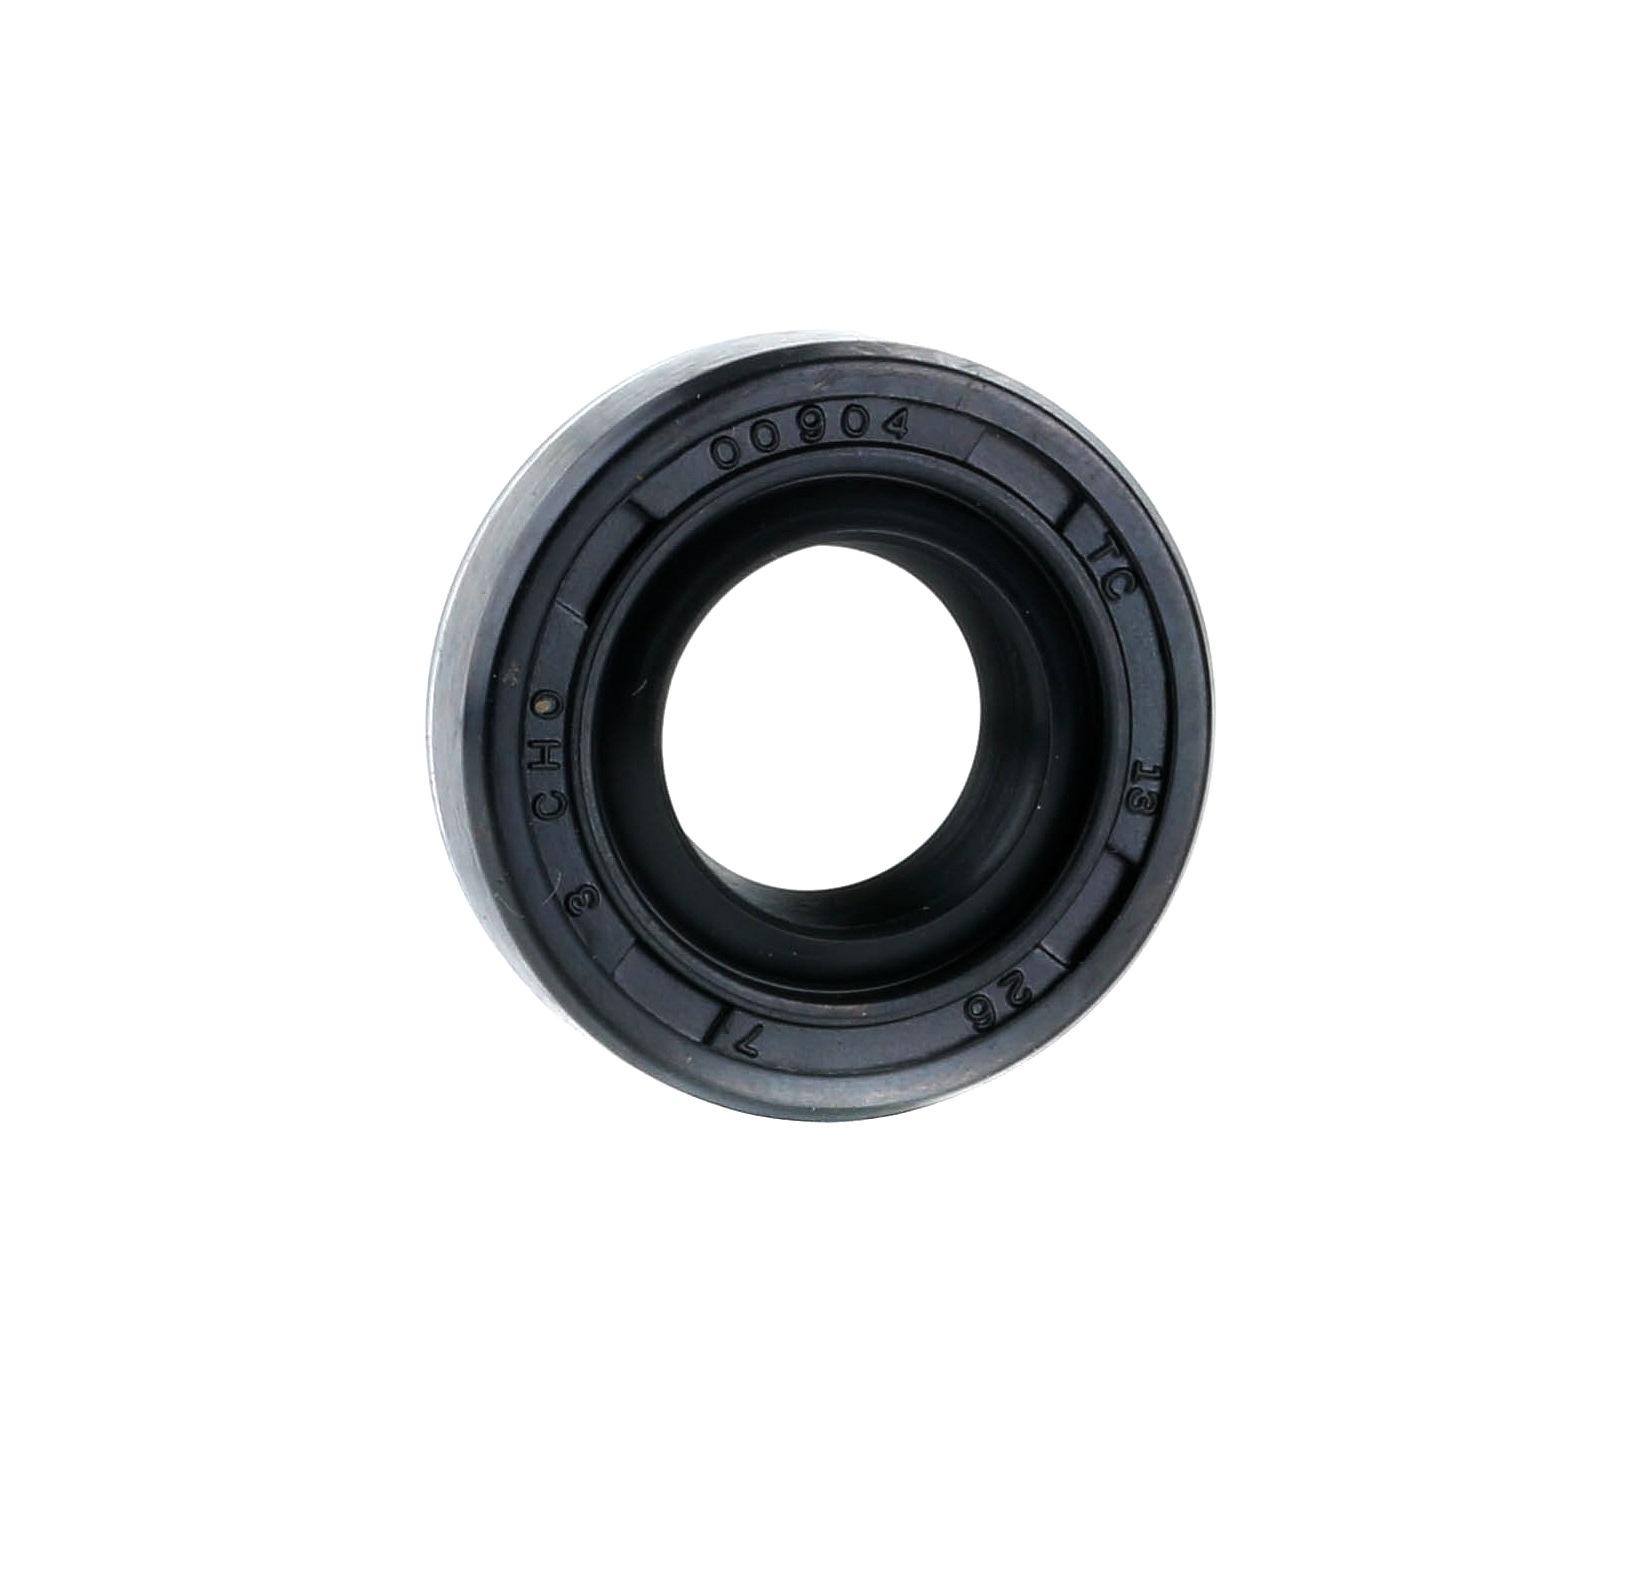 OPEL ASTRA 2020 Wellendichtring, Schaltgetriebe - Original AUTOMEGA 190051010